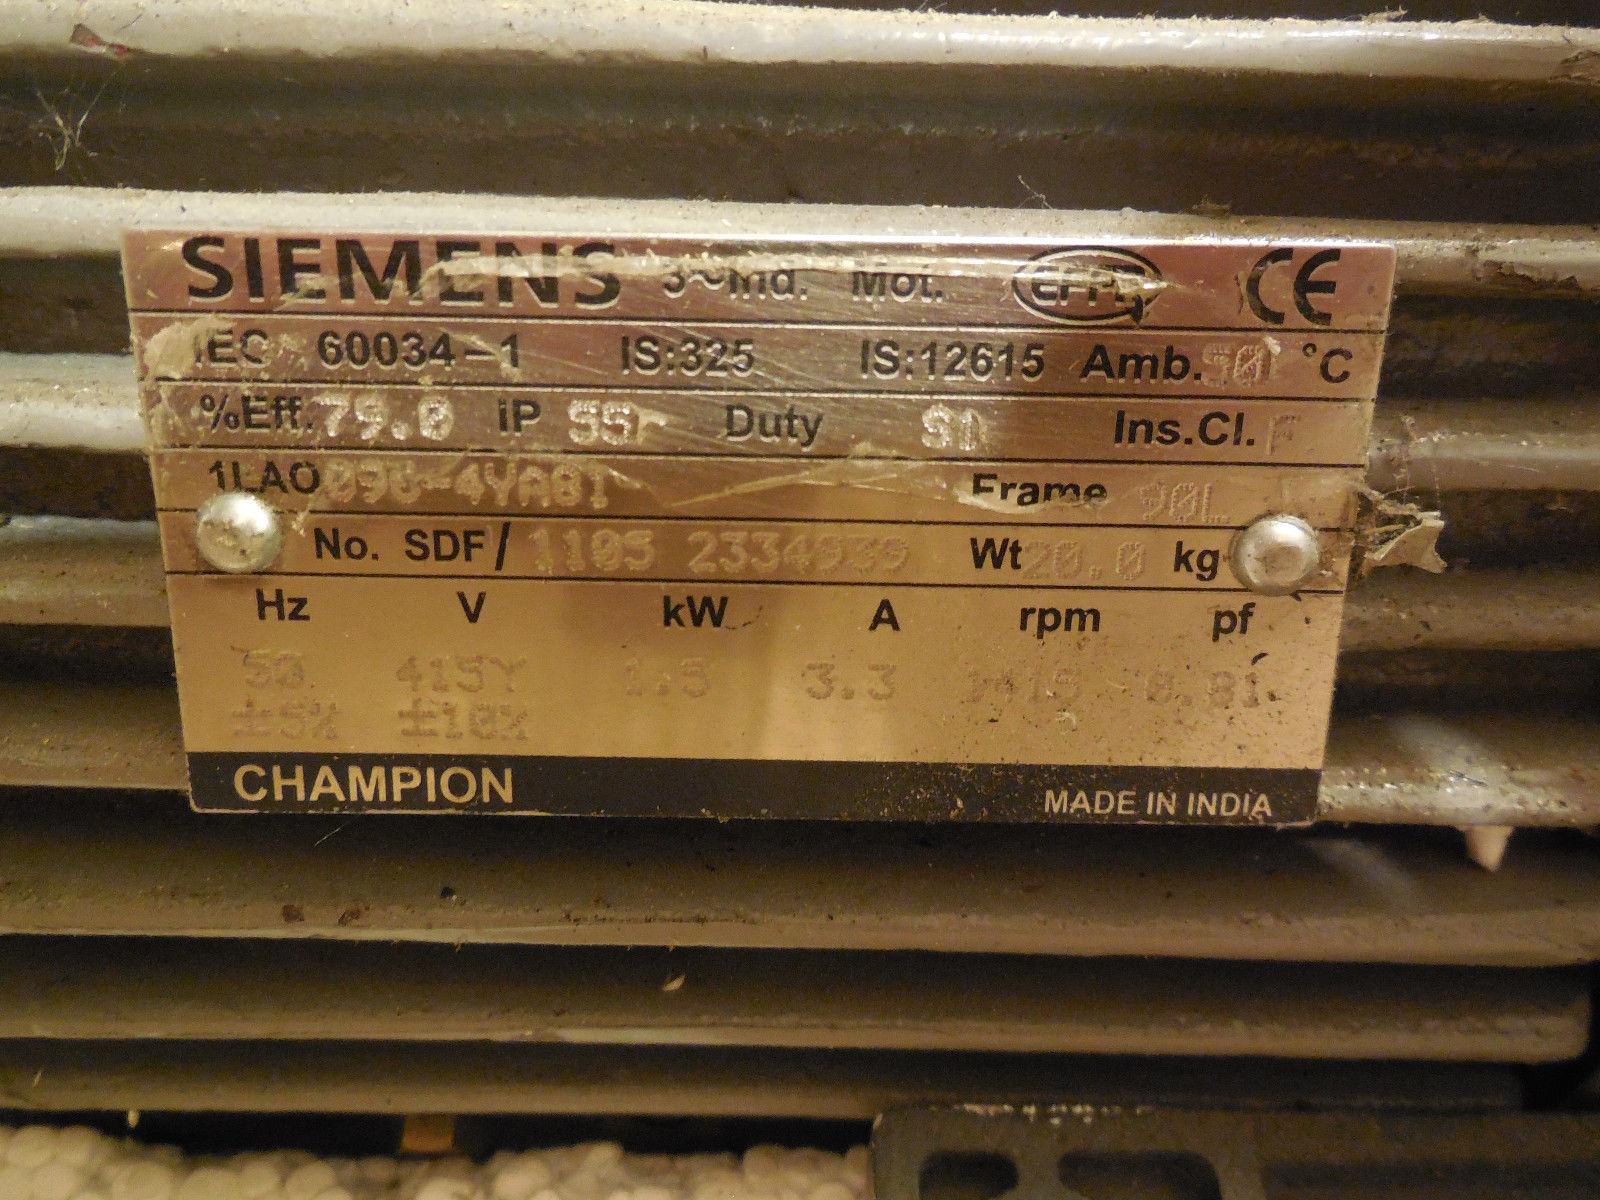 Used Siemens 60034 1 Motor 600341 Sb Industrial Supply